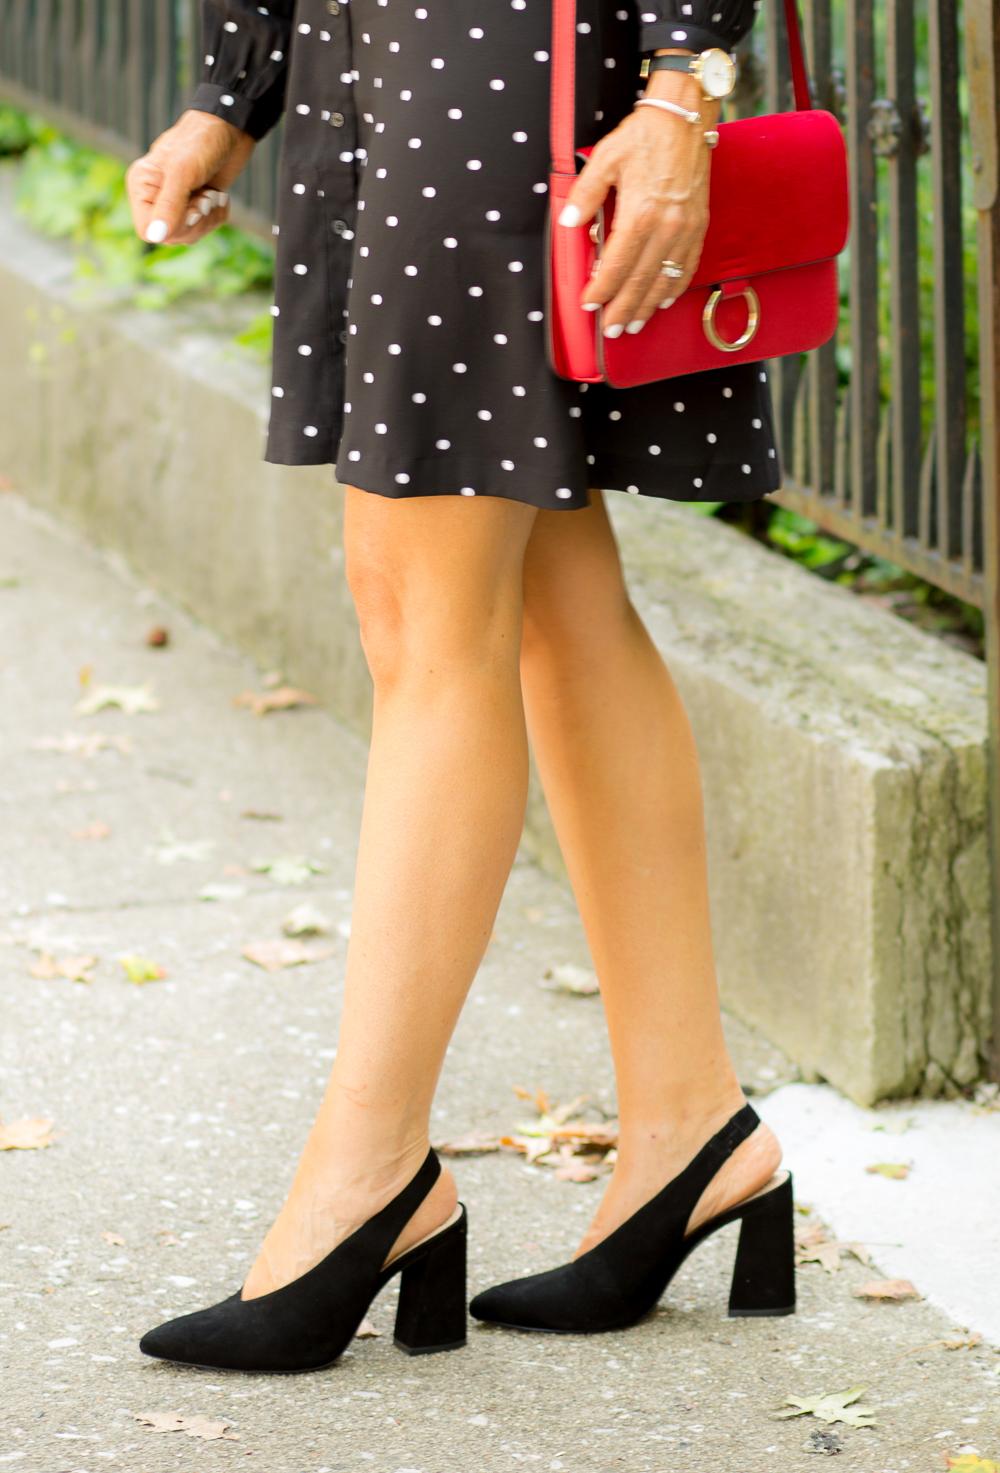 Classic Polka Dot Dress from LOFT